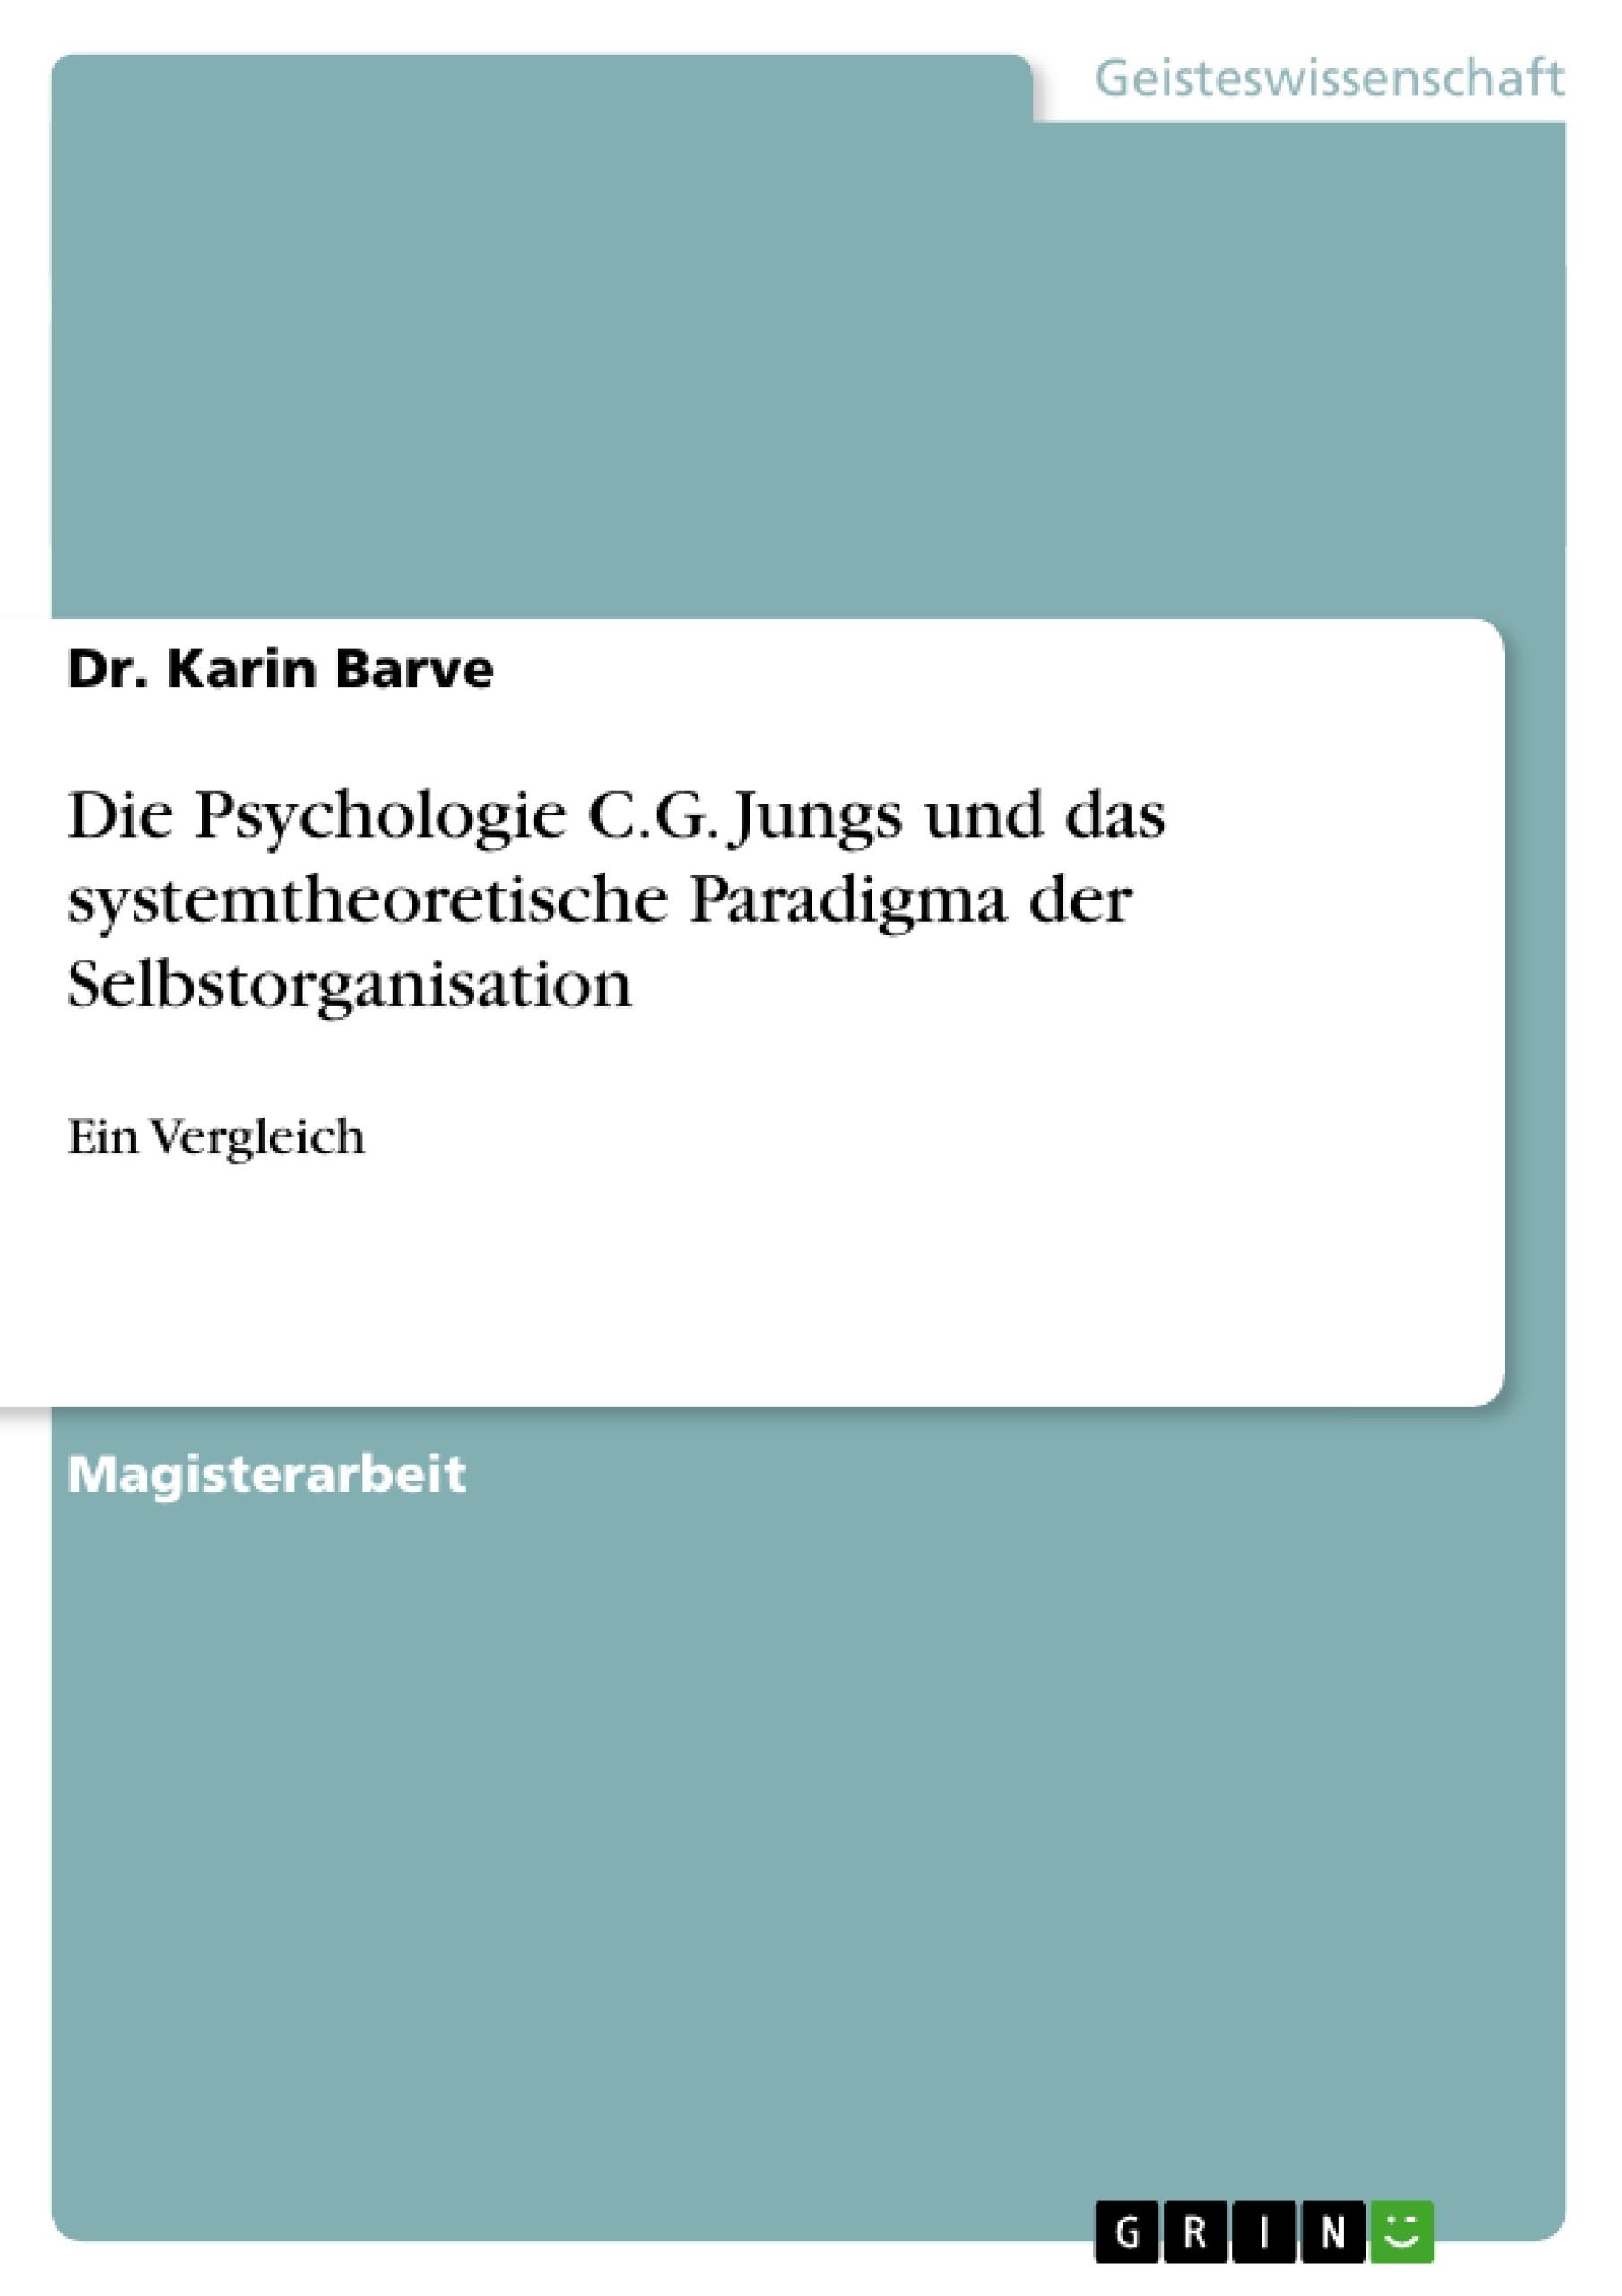 Titel: Die Psychologie C.G. Jungs und das systemtheoretische Paradigma der Selbstorganisation